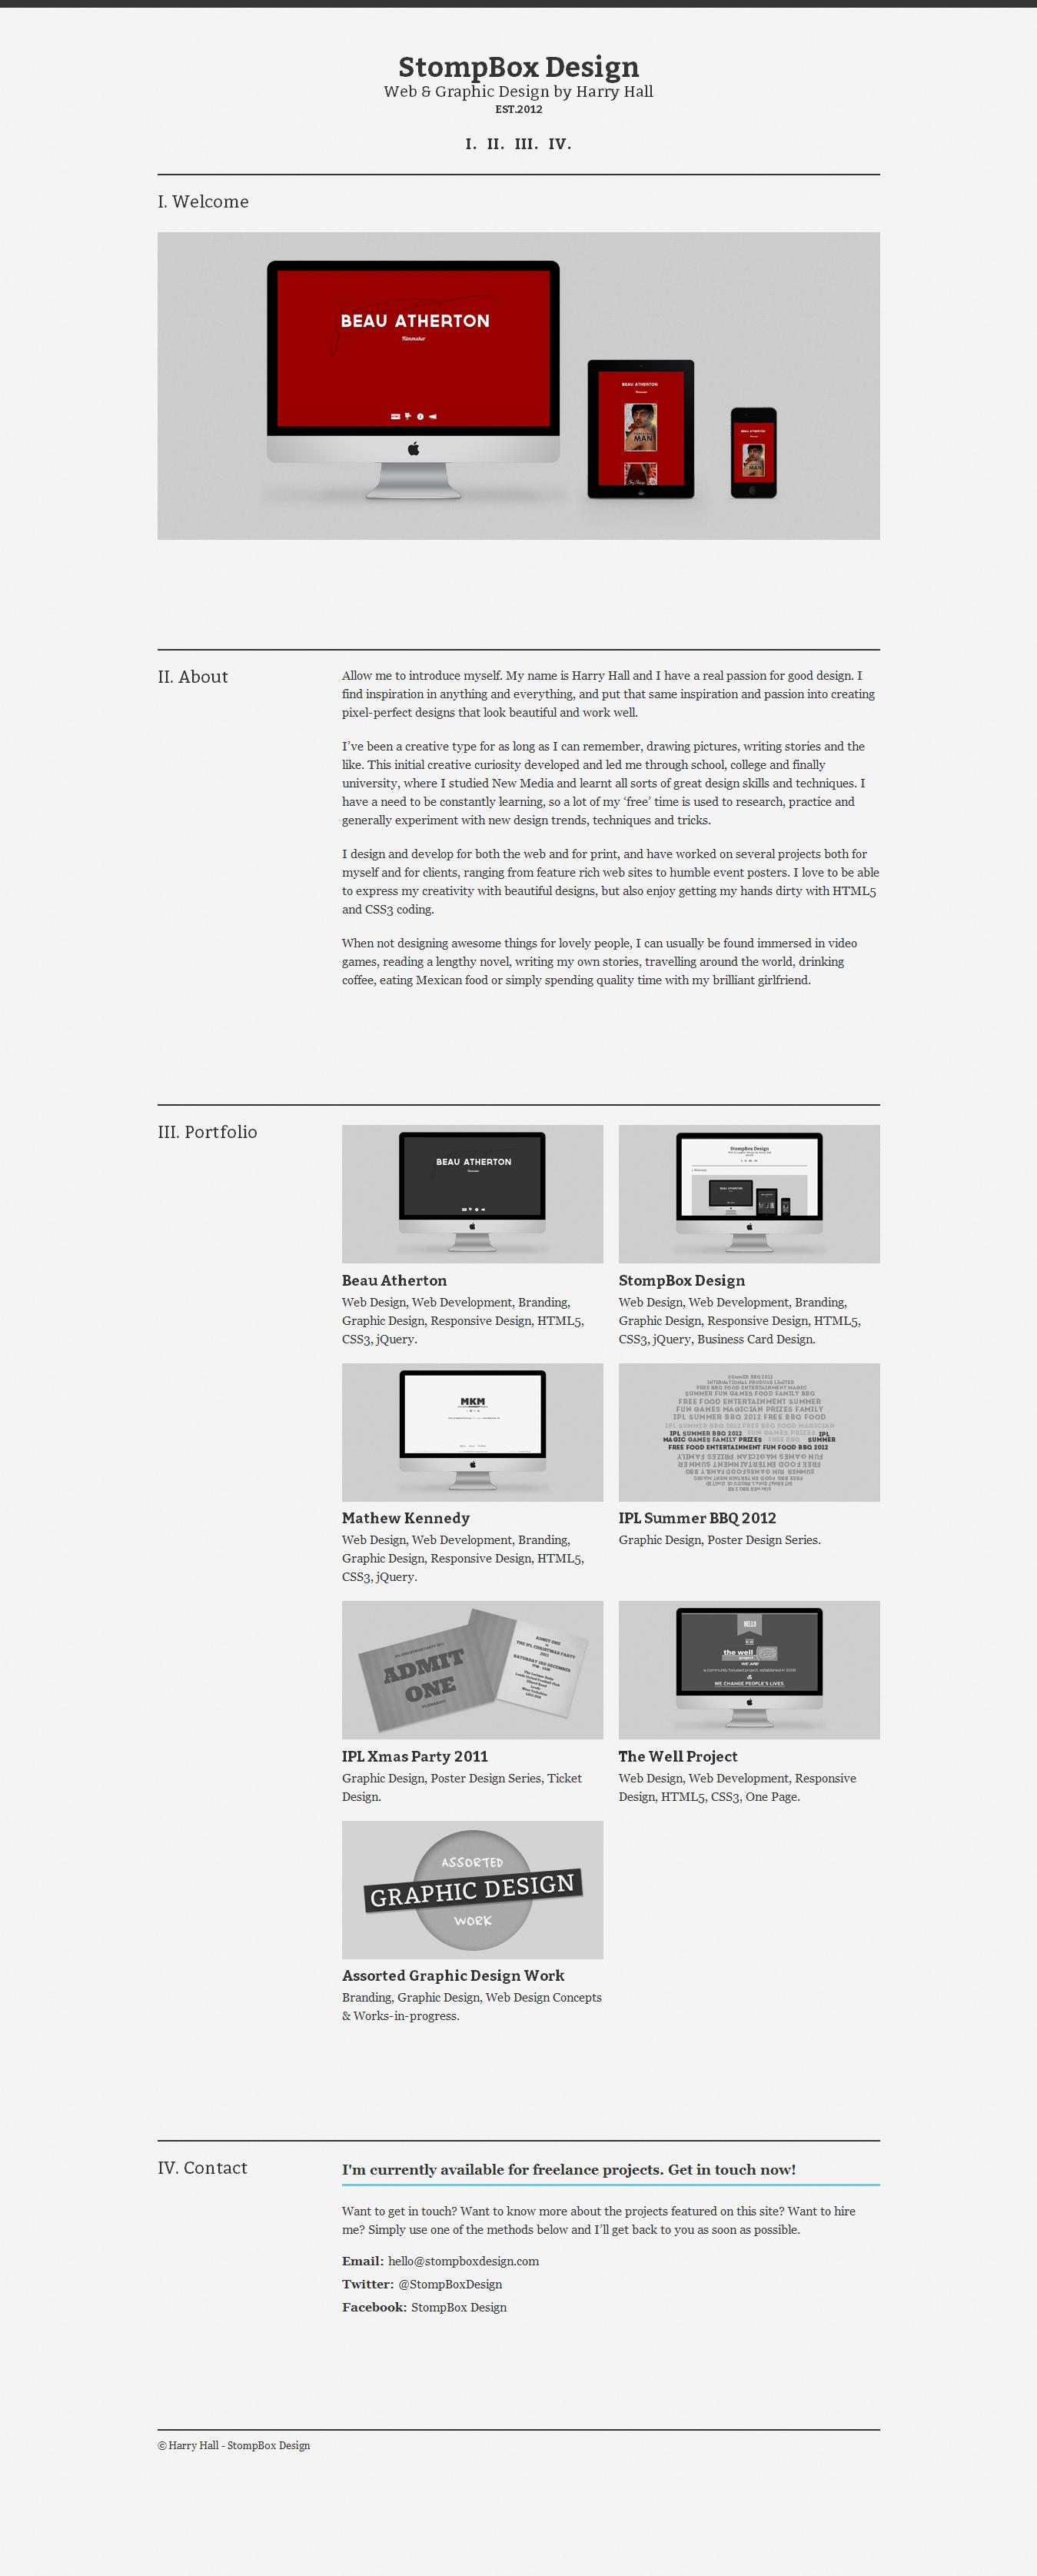 StompBox Design Website Screenshot